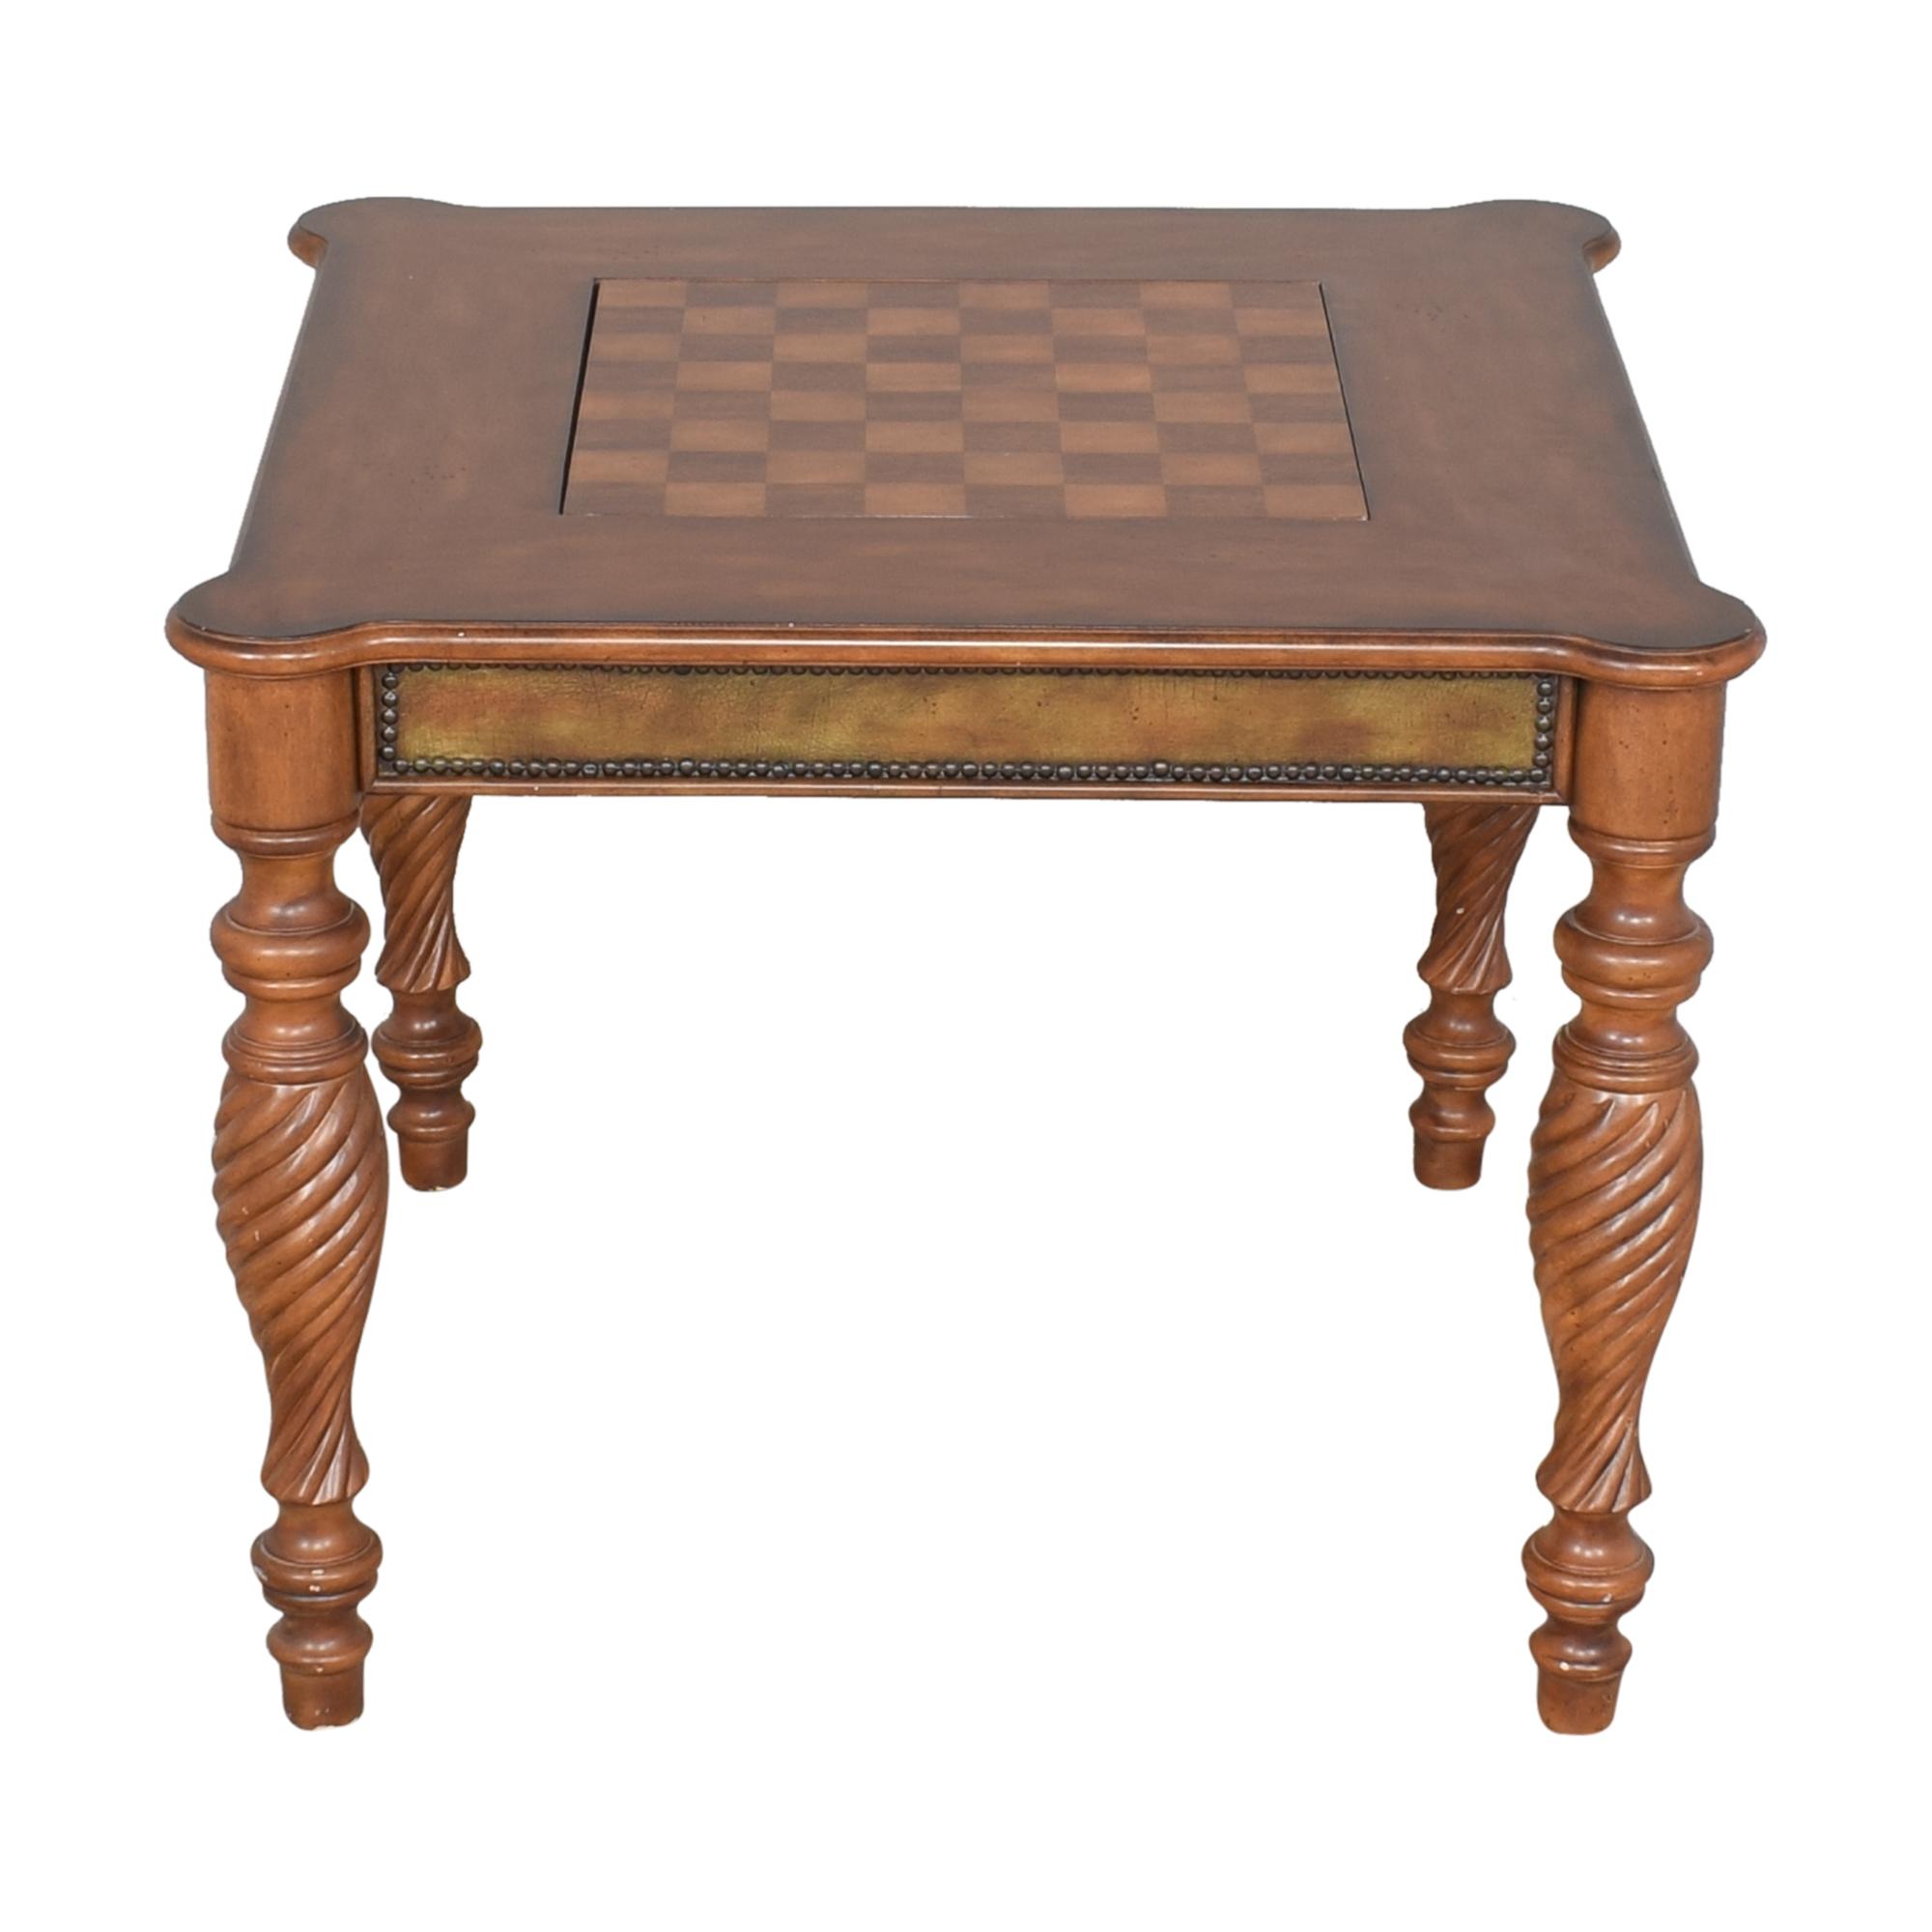 Hooker Furniture Hooker Furniture Game Table Tables